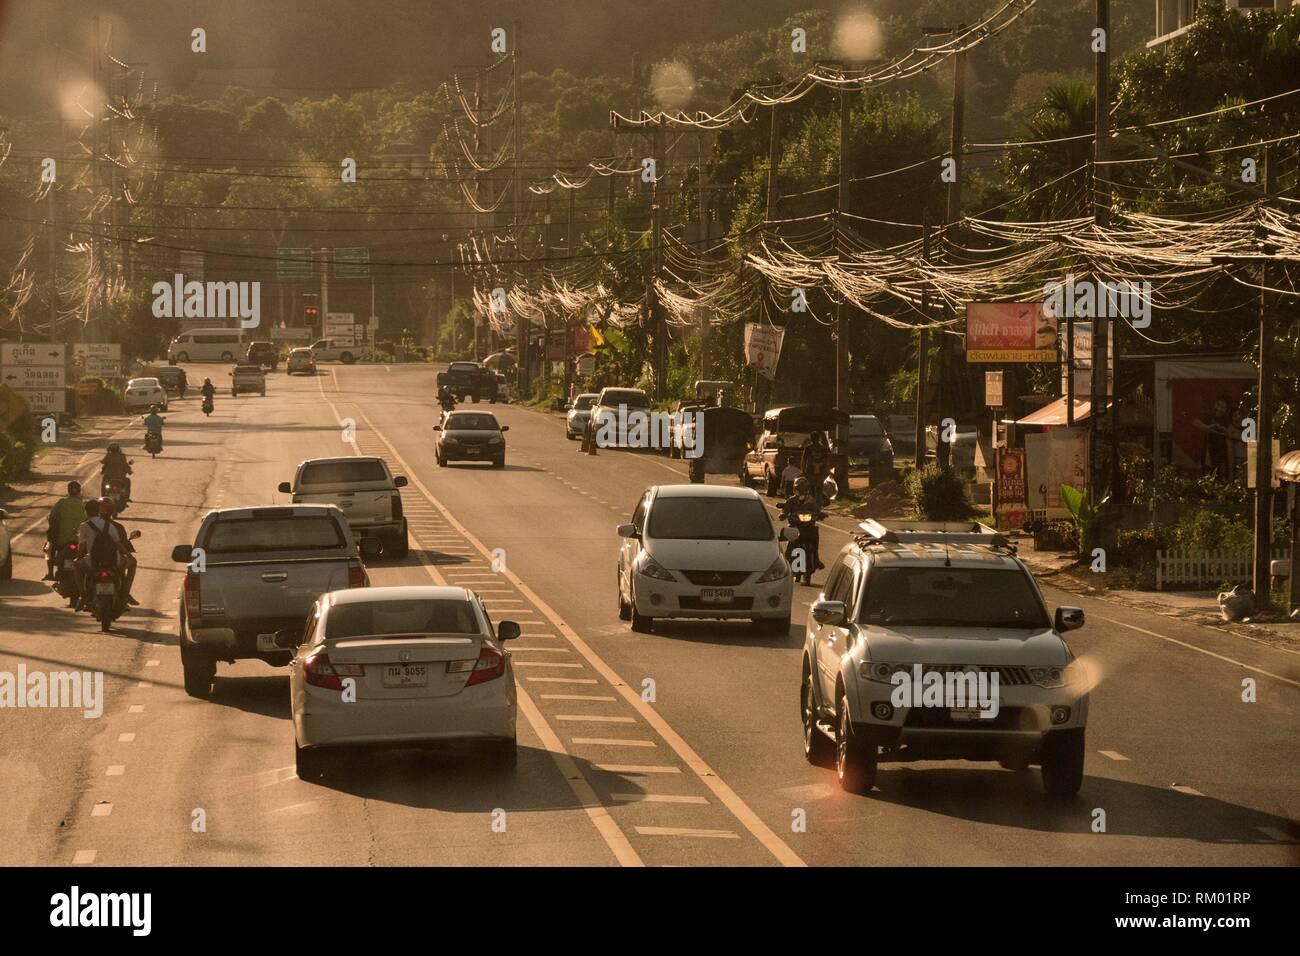 Phuket City Stock Photos & Phuket City Stock Images - Alamy